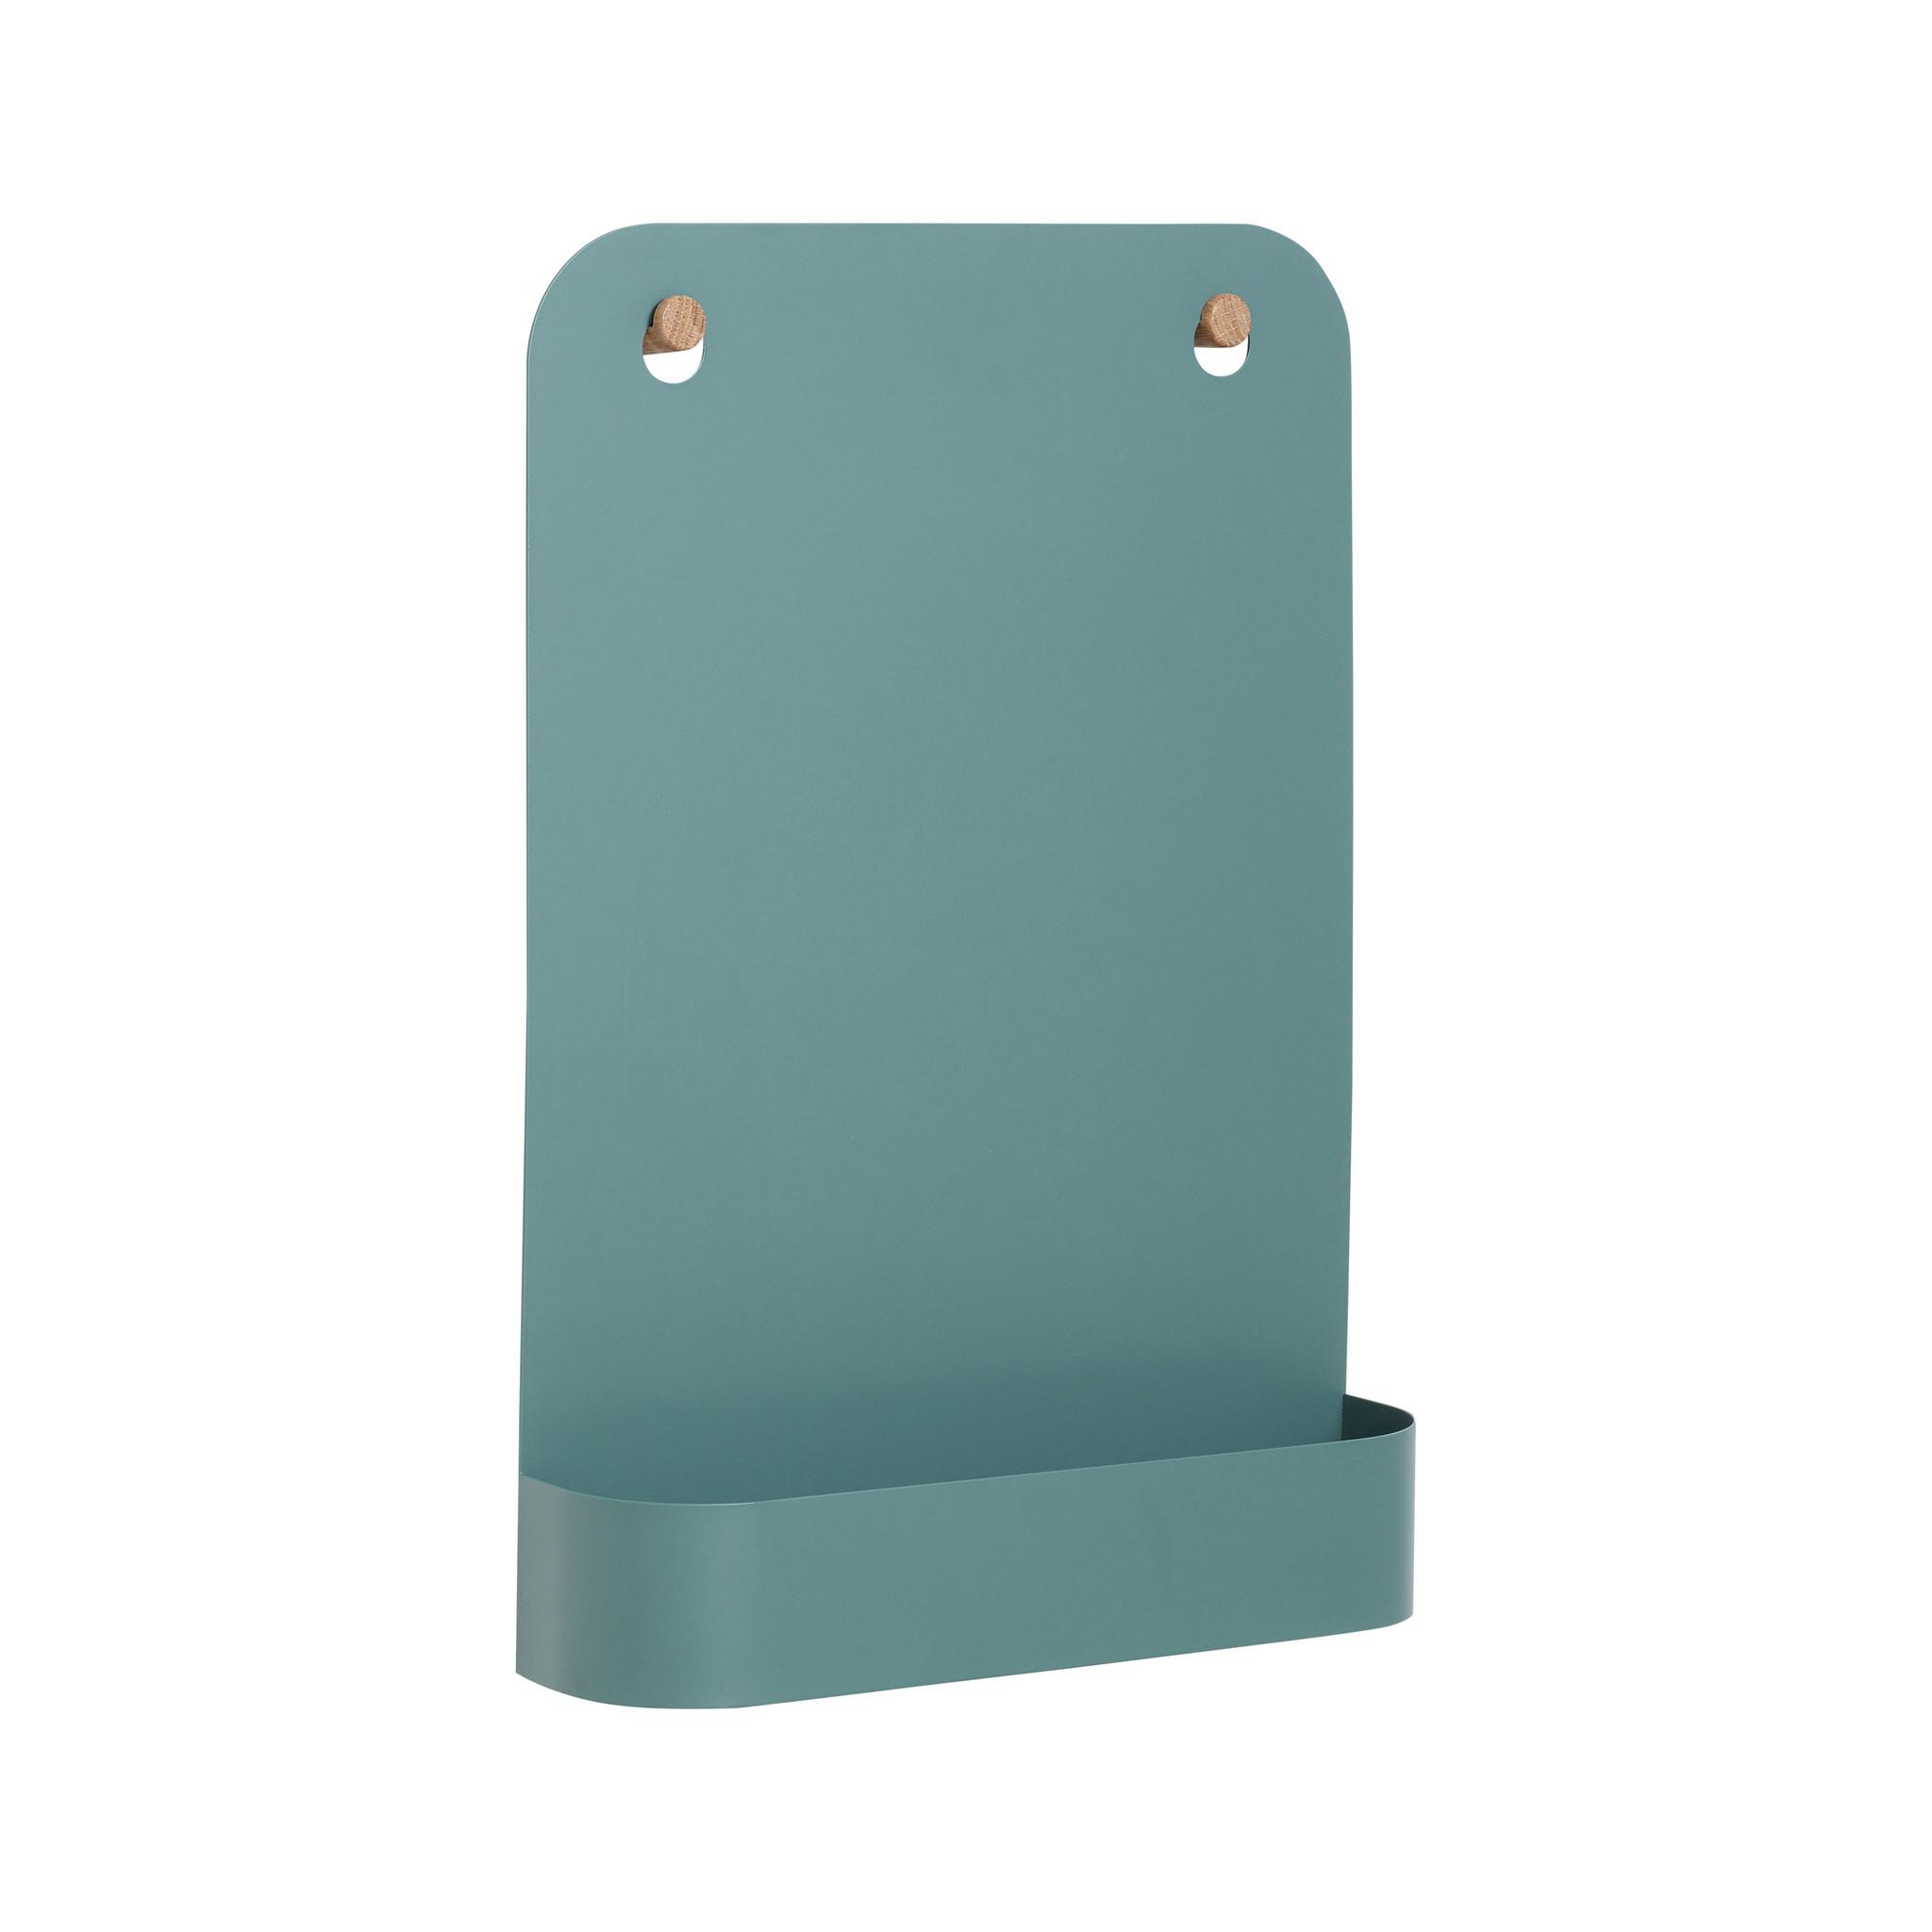 Hubsch Magnetisch schoolbord met knop, metaal / eik, groen-940605-5712772063385